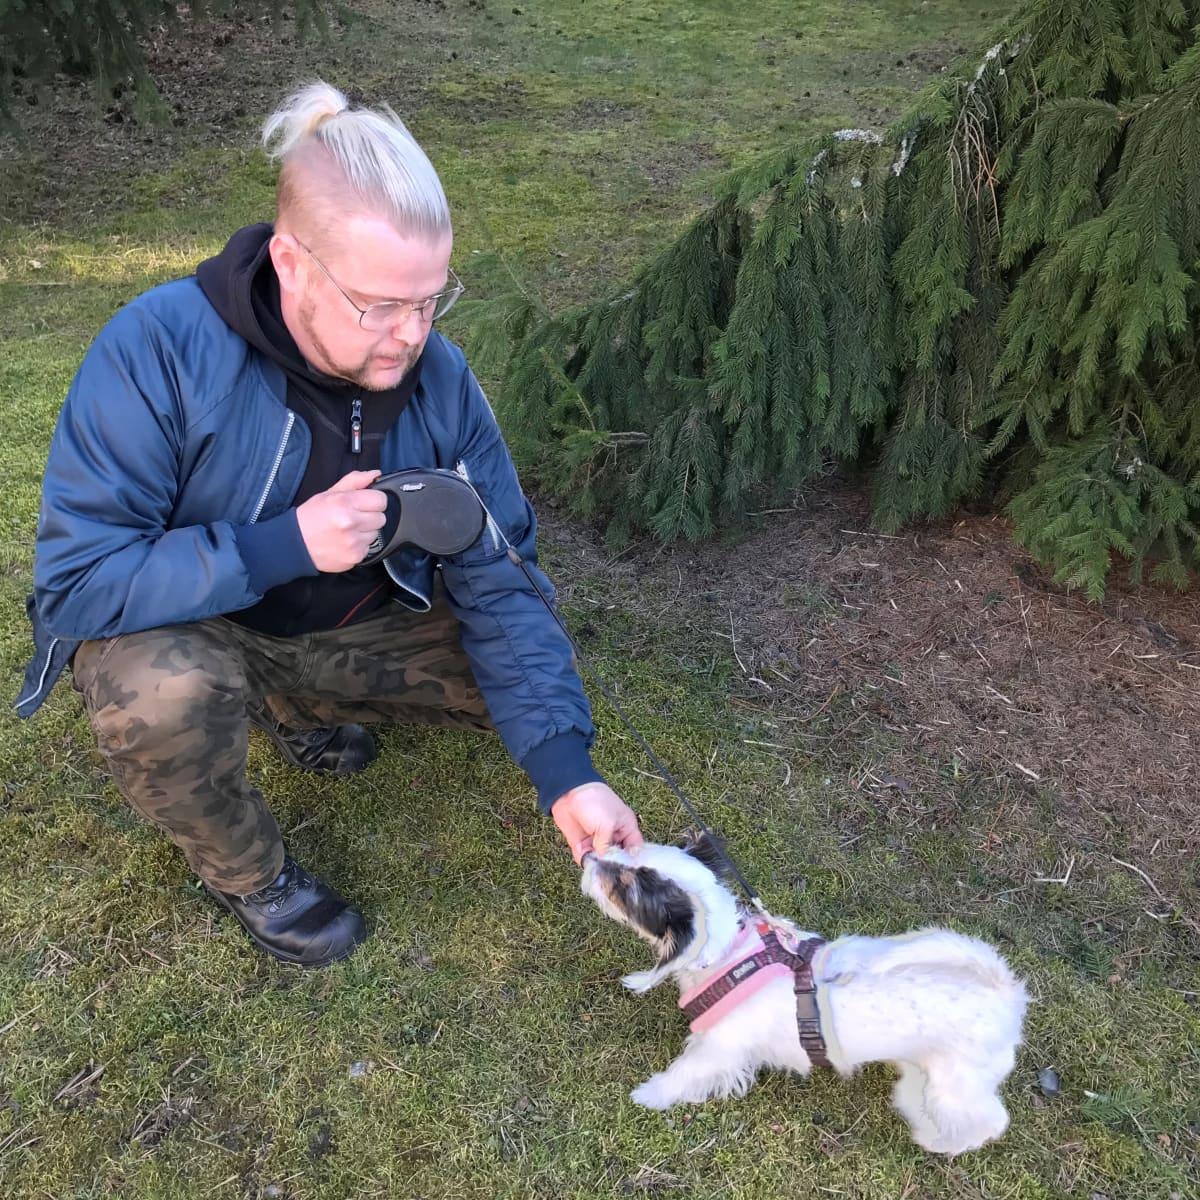 Mies leikkii ulkona koiran kanssa